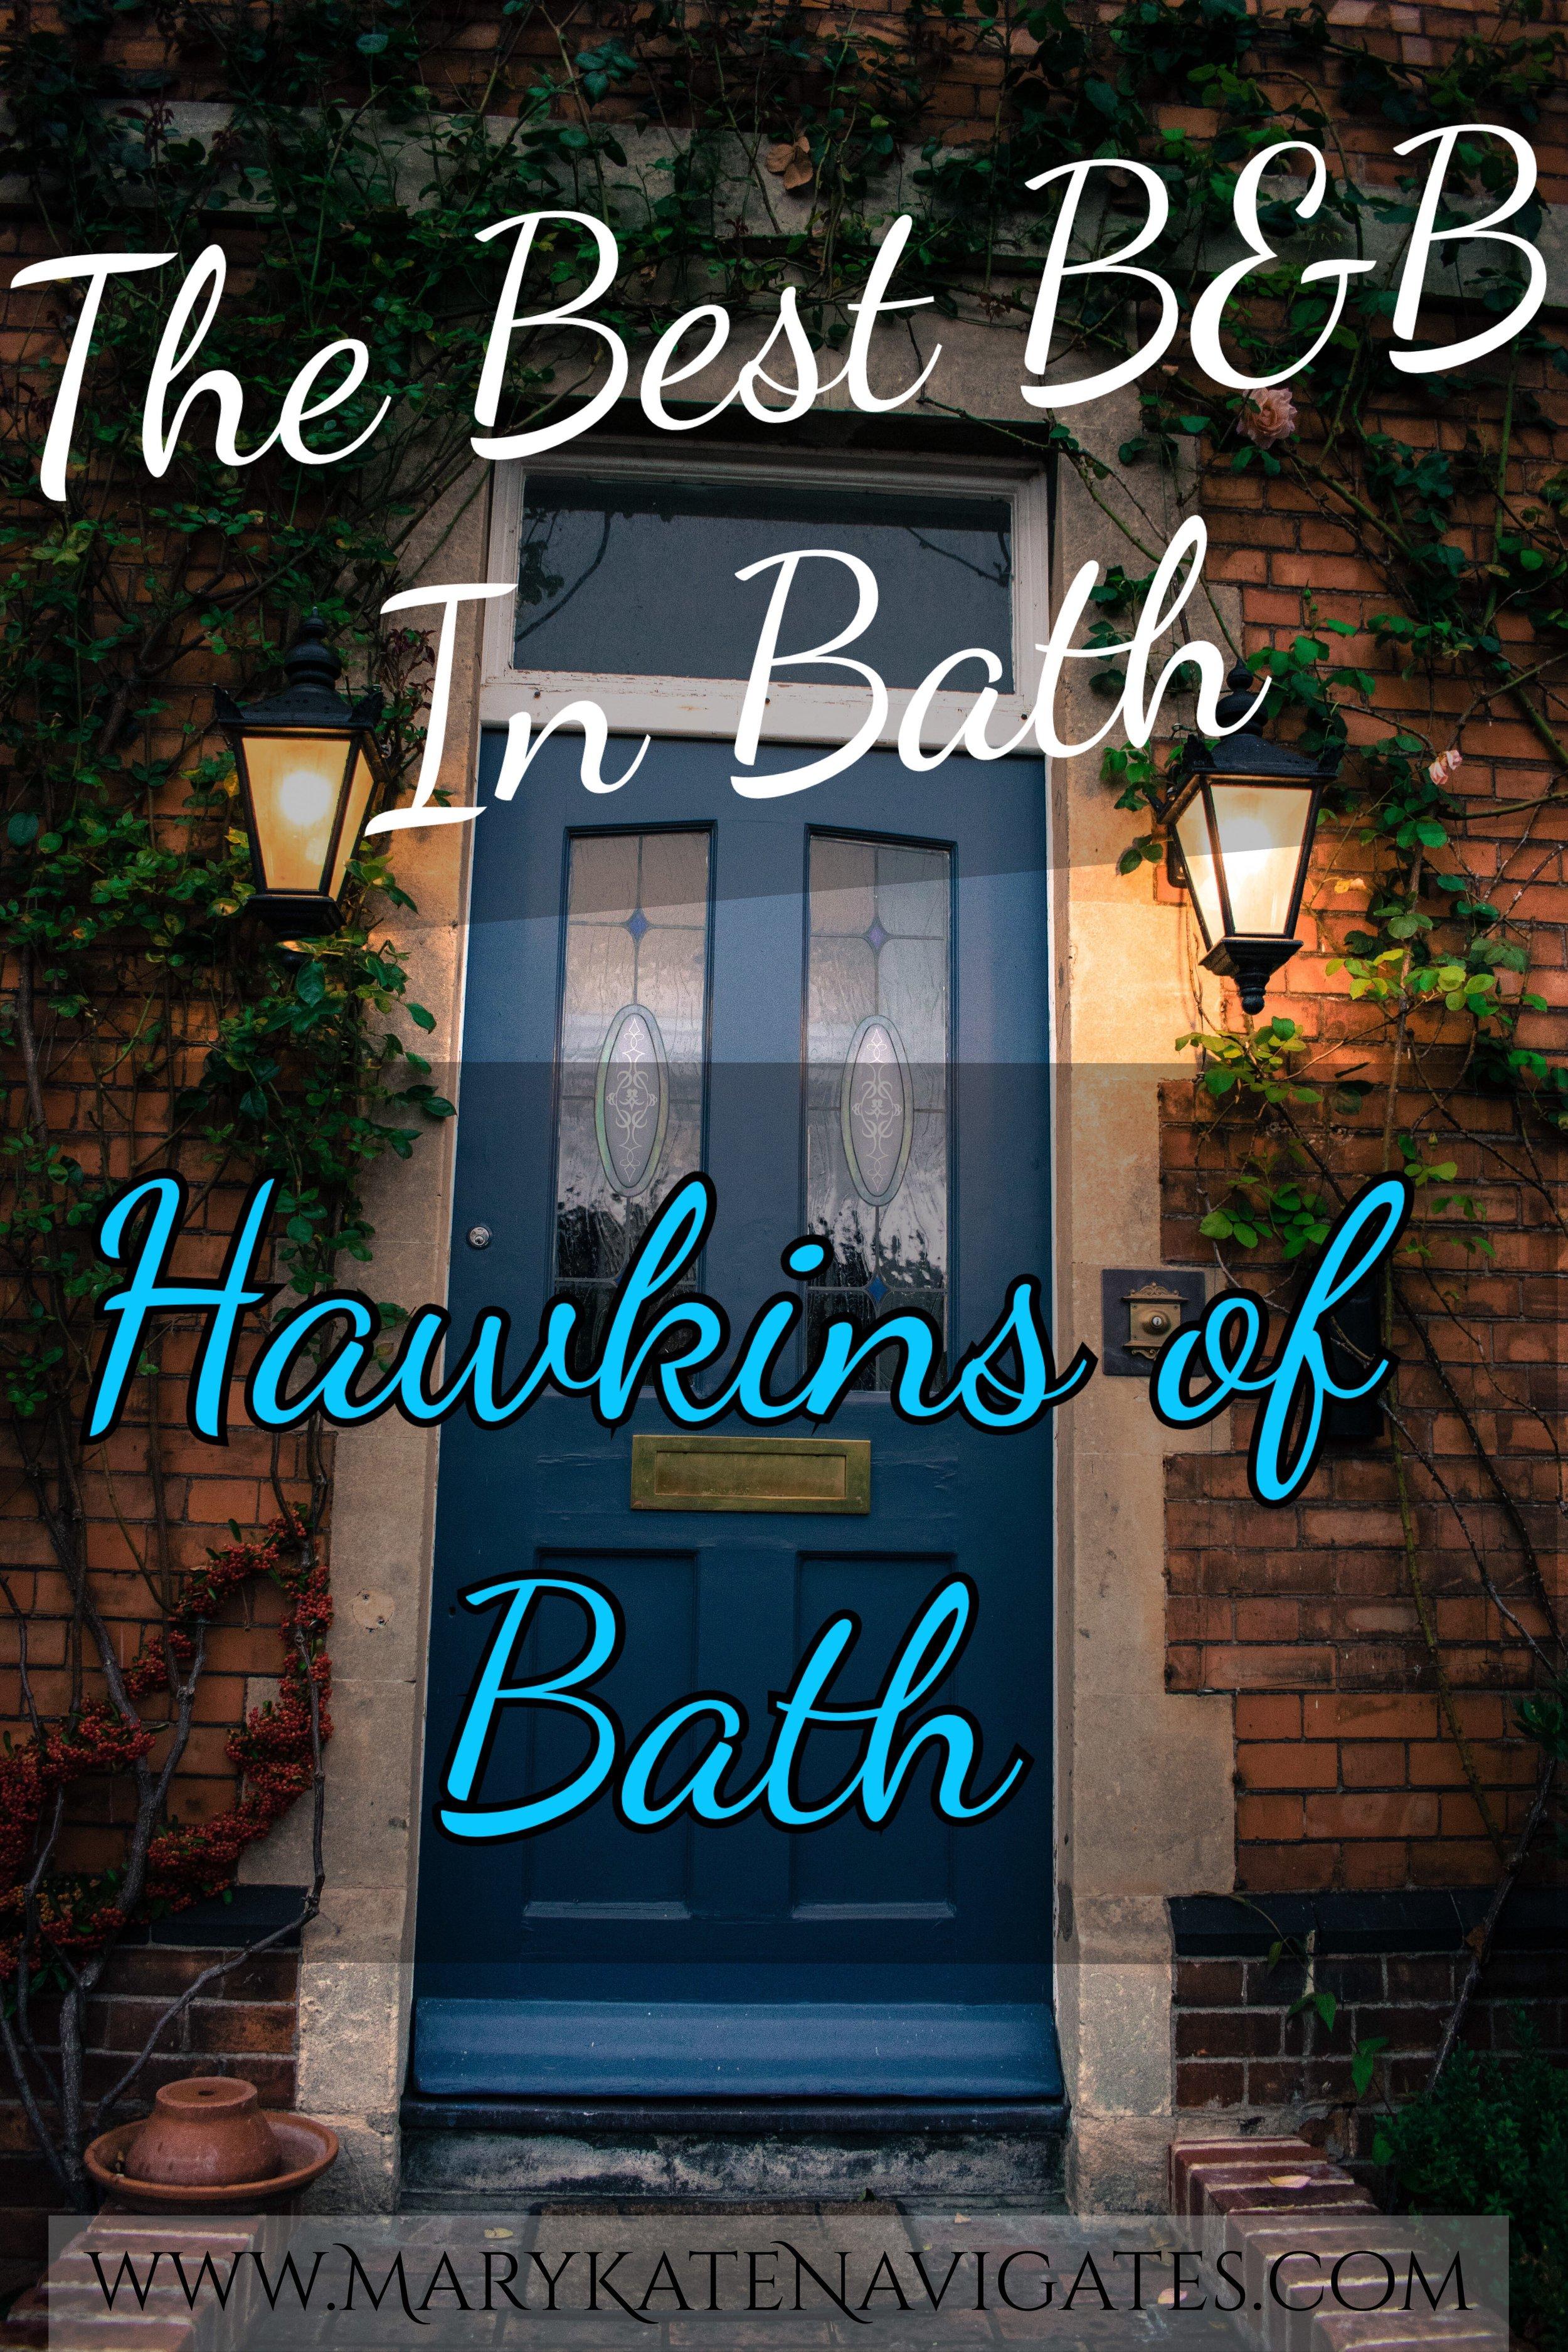 The Best B&B in Bath - Hawkins of Bath